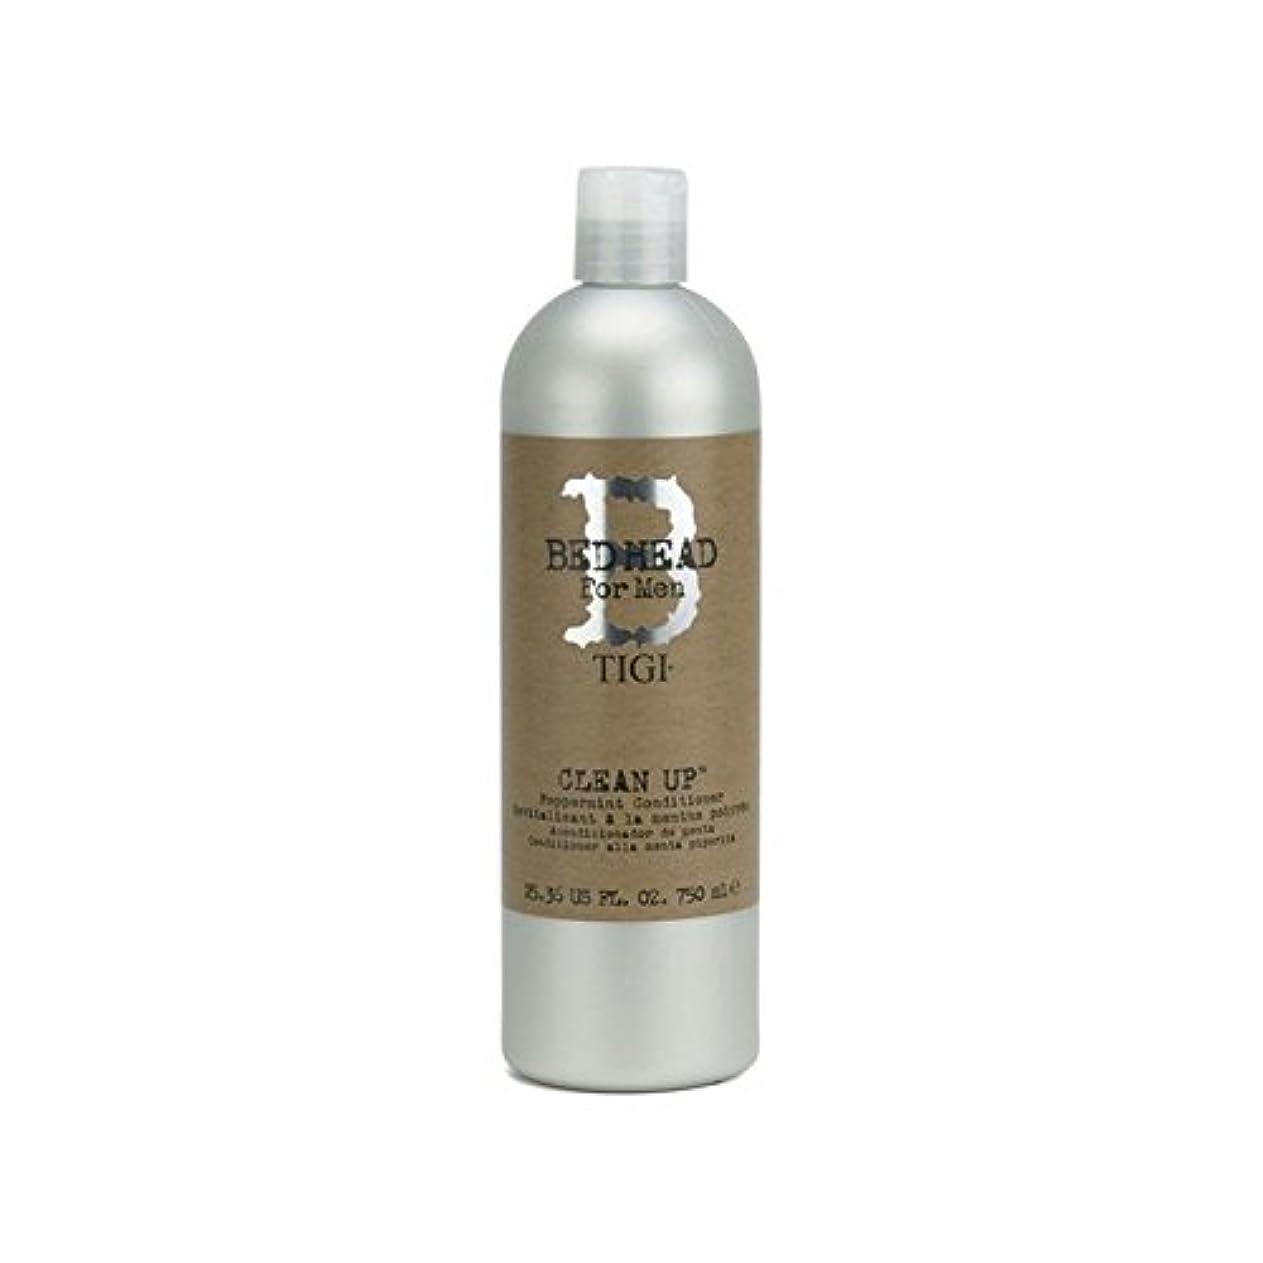 付属品リハーサルパイプラインTigi Bed Head For Men Clean Up Peppermint Conditioner (750ml) (Pack of 6) - ペパーミントコンディショナーをクリーンアップする男性のためのティジーベッドヘッド(750ミリリットル) x6 [並行輸入品]